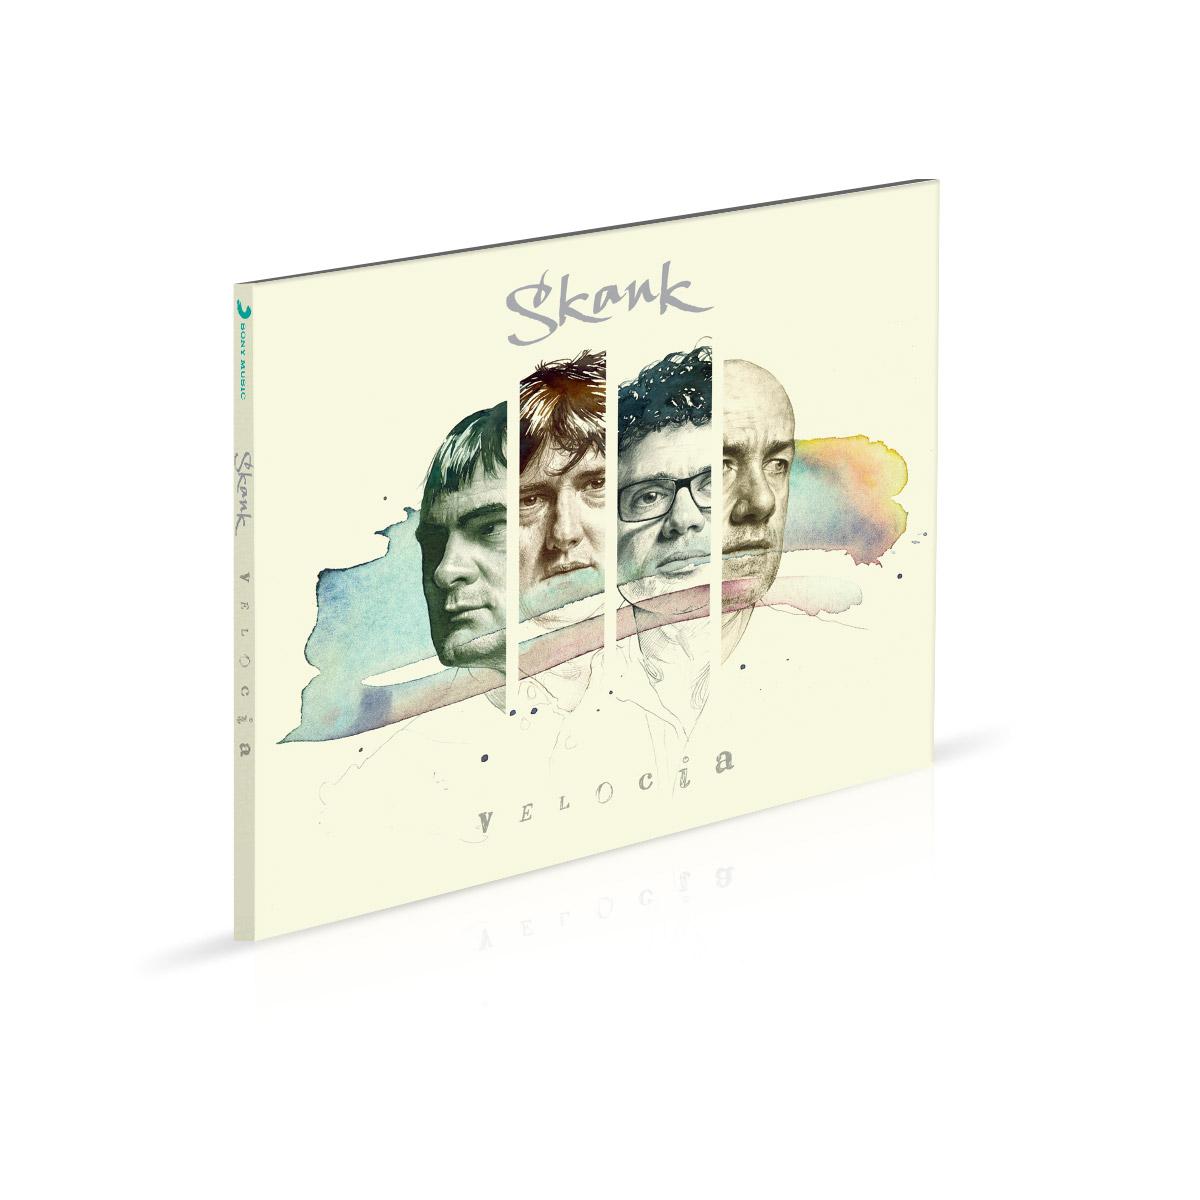 CD Skank Velocia